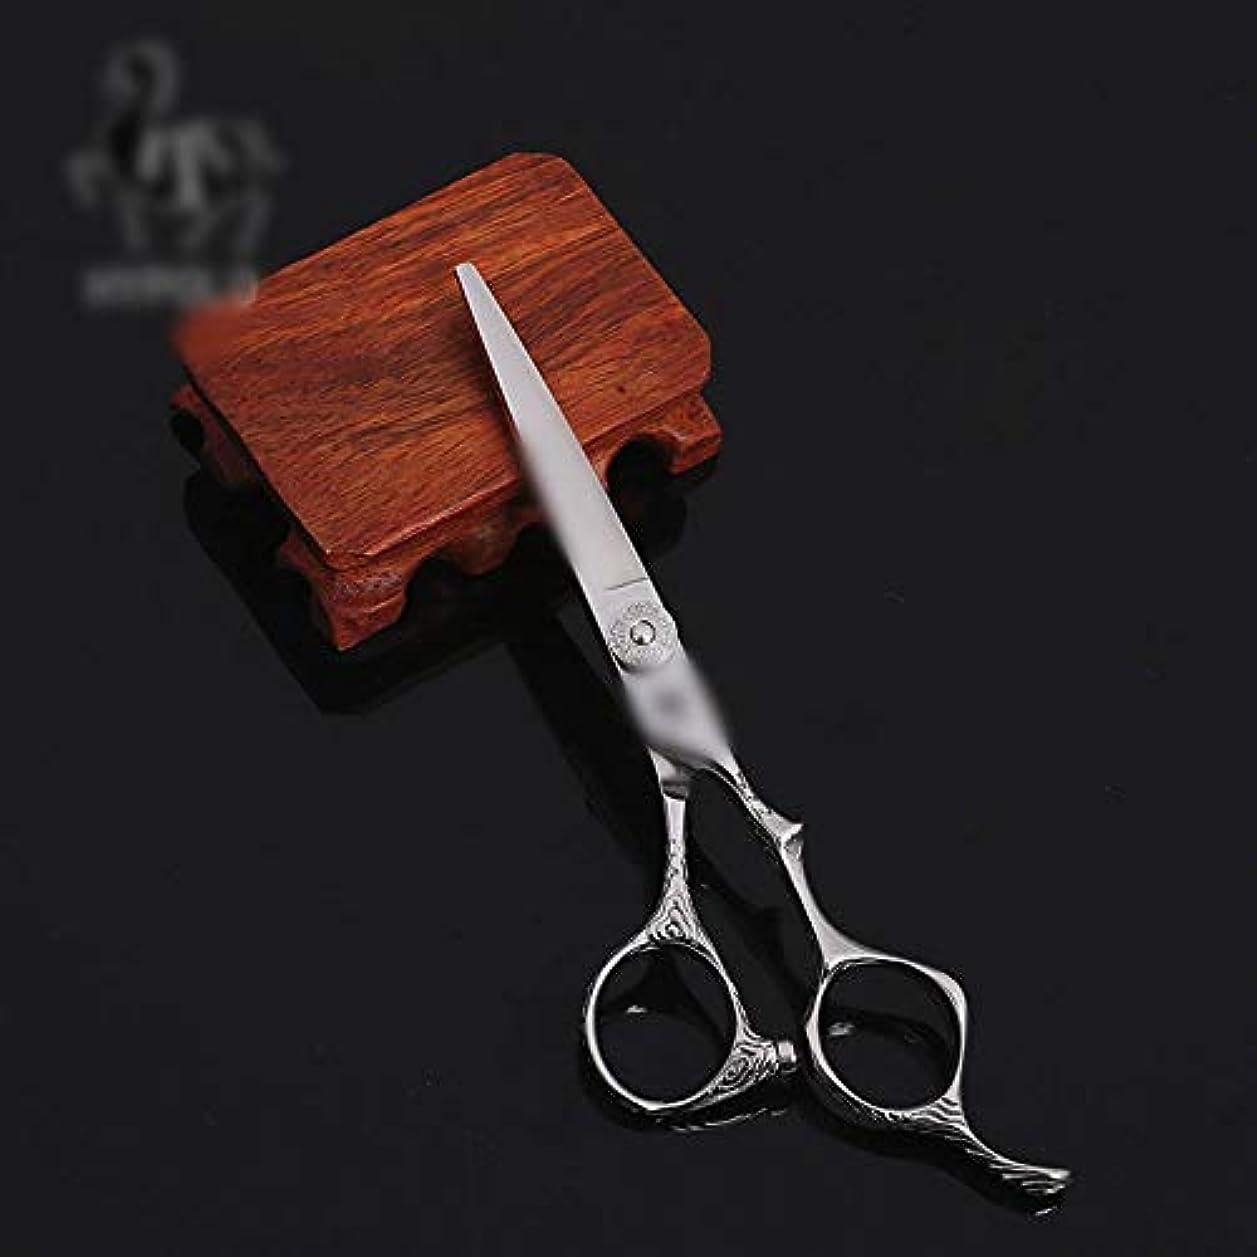 胸花に水をやる賃金6インチの美容院の専門の理髪はさみの平らなはさみ、ハイエンドの専門の理髪用具の平らなはさみ モデリングツール (色 : Silver)